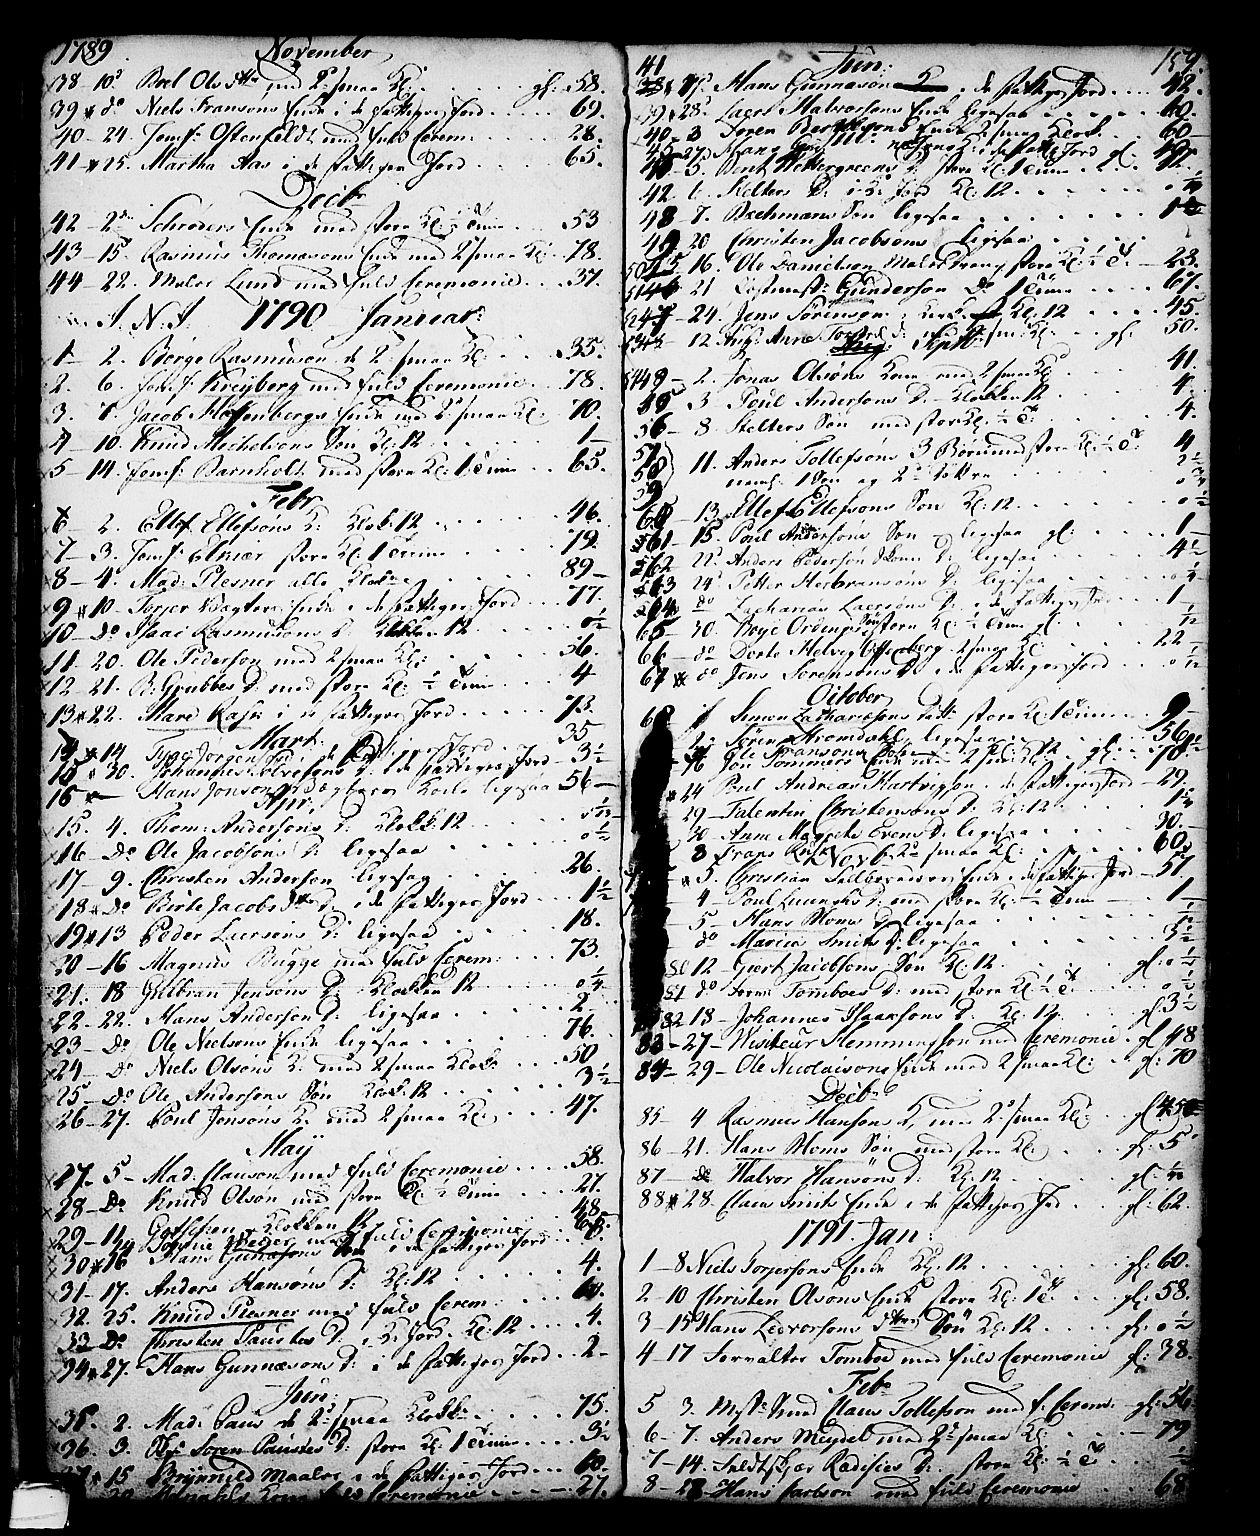 SAKO, Skien kirkebøker, G/Ga/L0001: Klokkerbok nr. 1, 1756-1791, s. 159